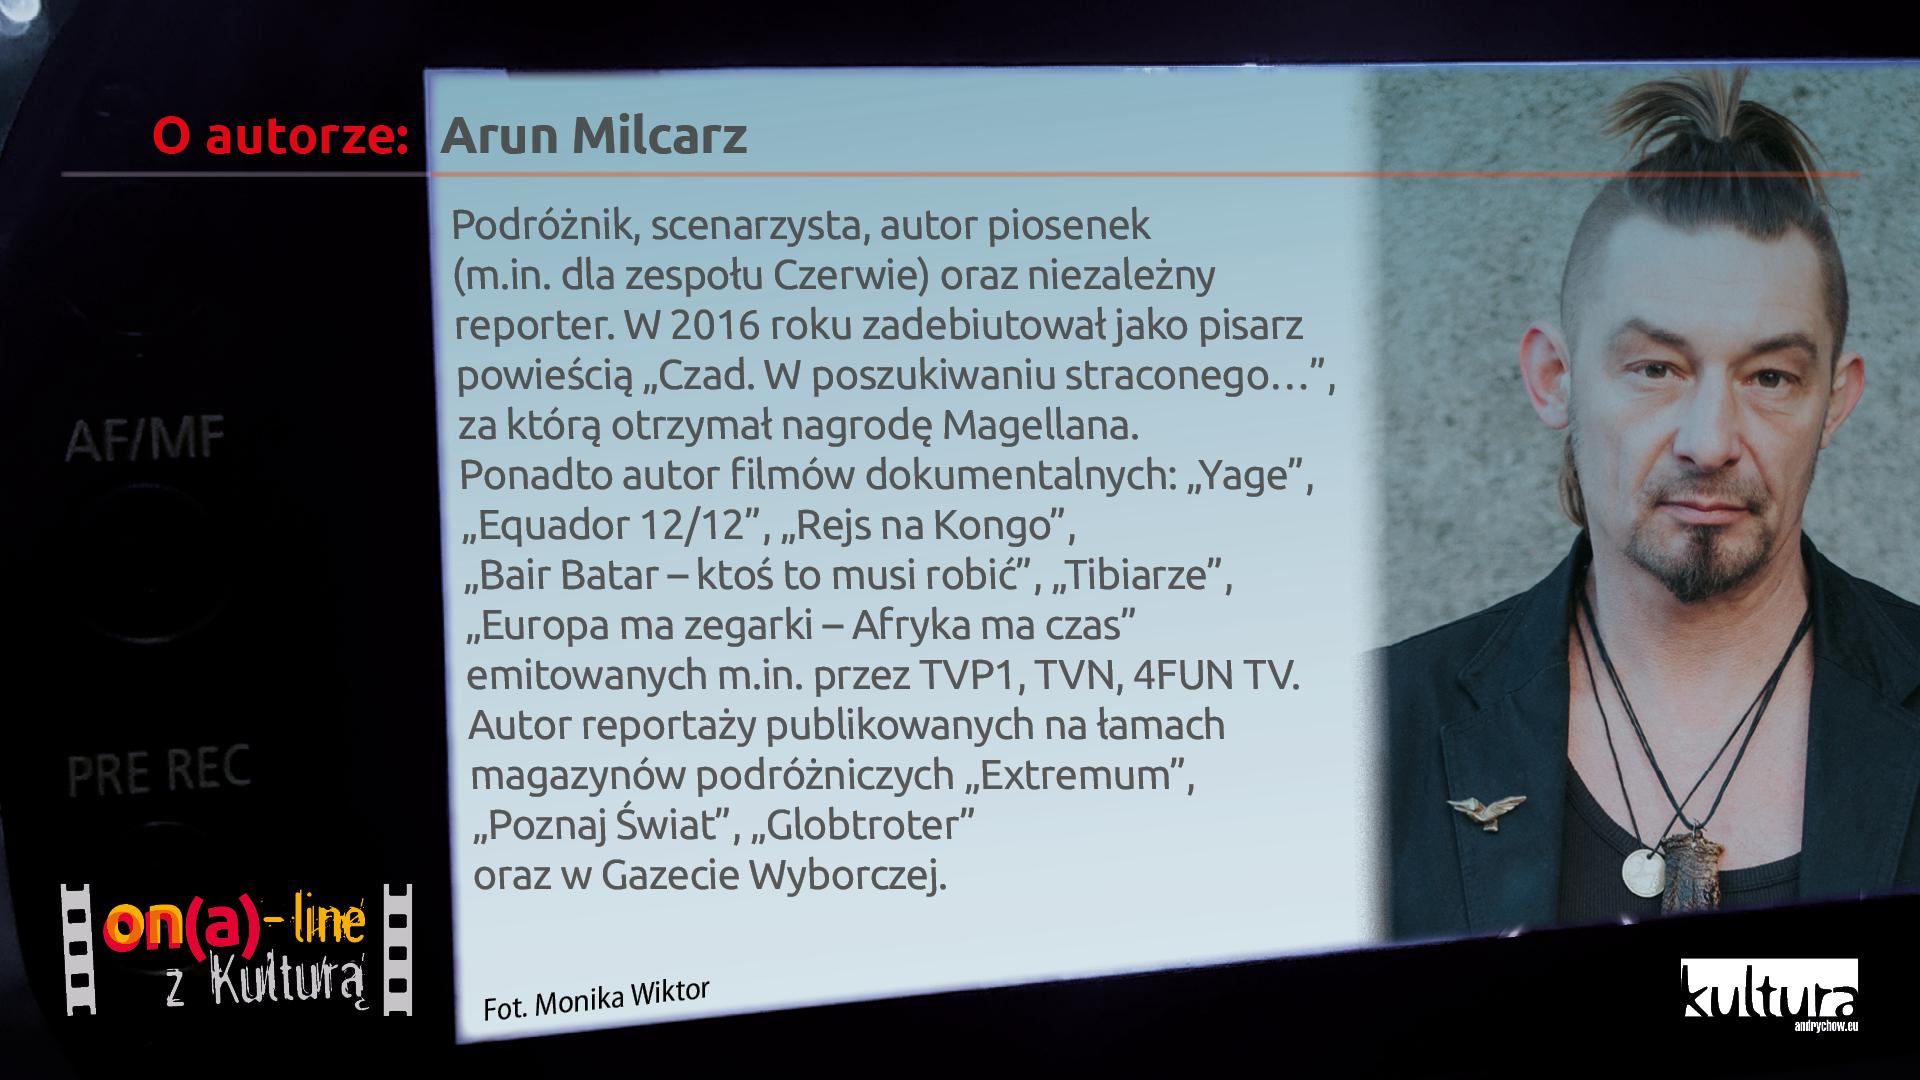 Spotkanie z Arunem Milcarzem w cyklu ON(A)-LINE z Kulturą